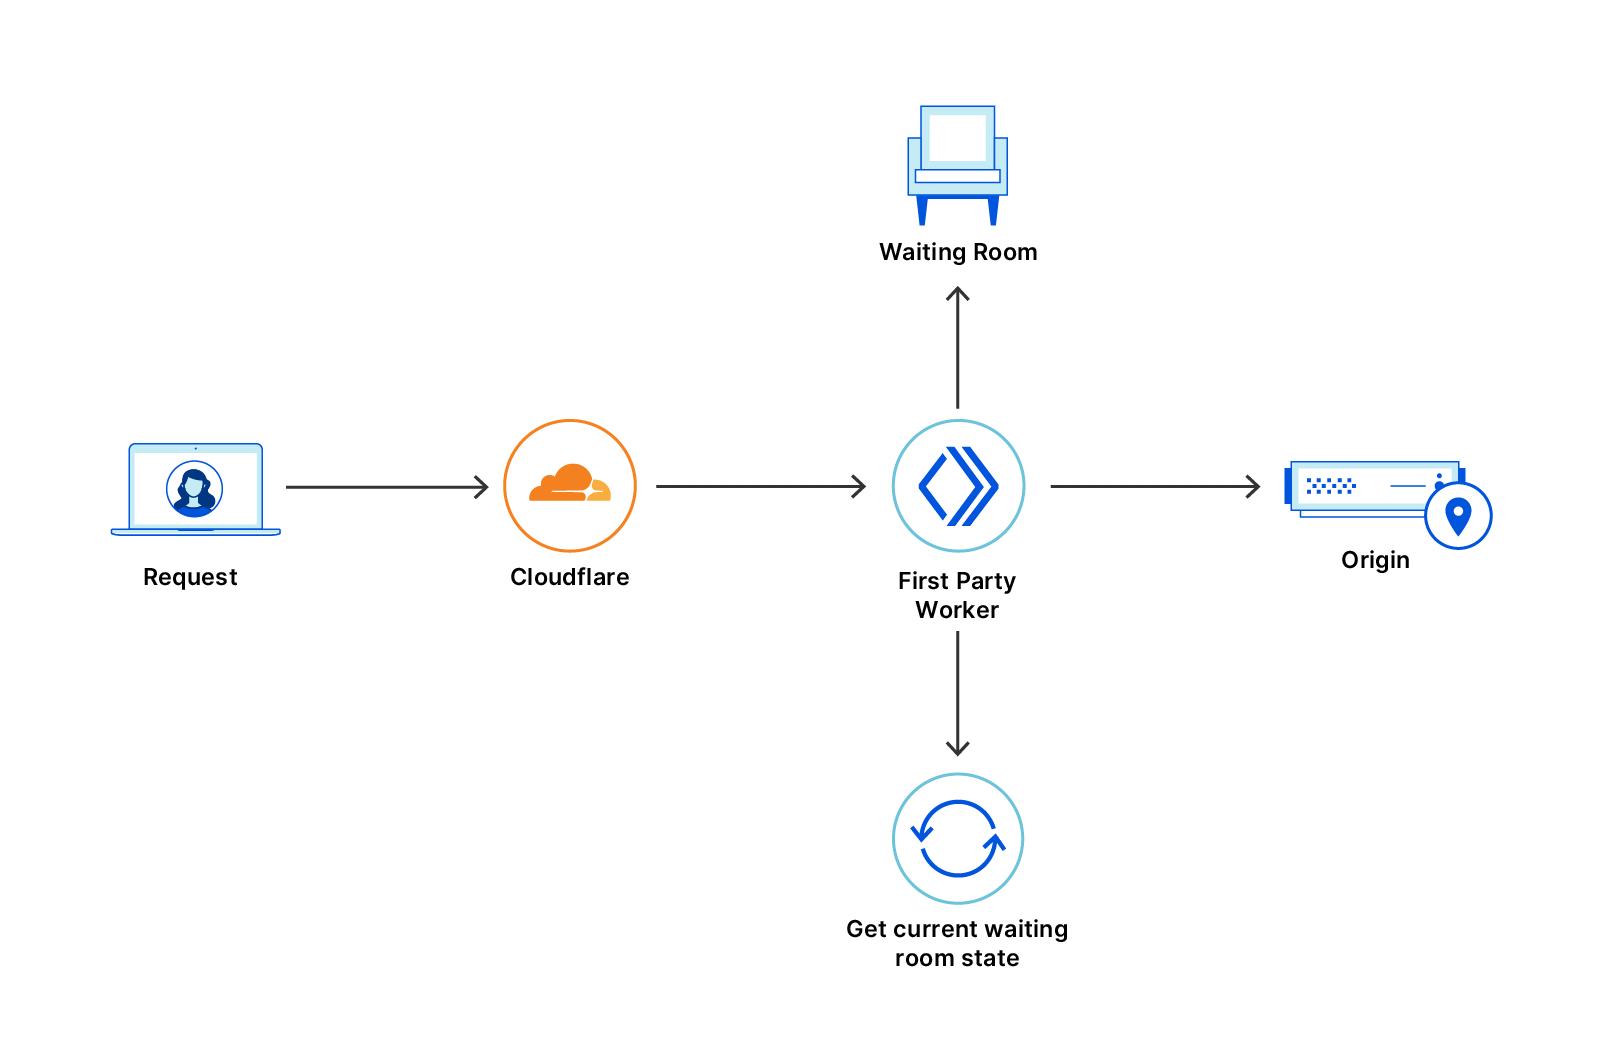 Une requête transitant par le réseau Cloudflare, alors qu'une file d'attente est configurée